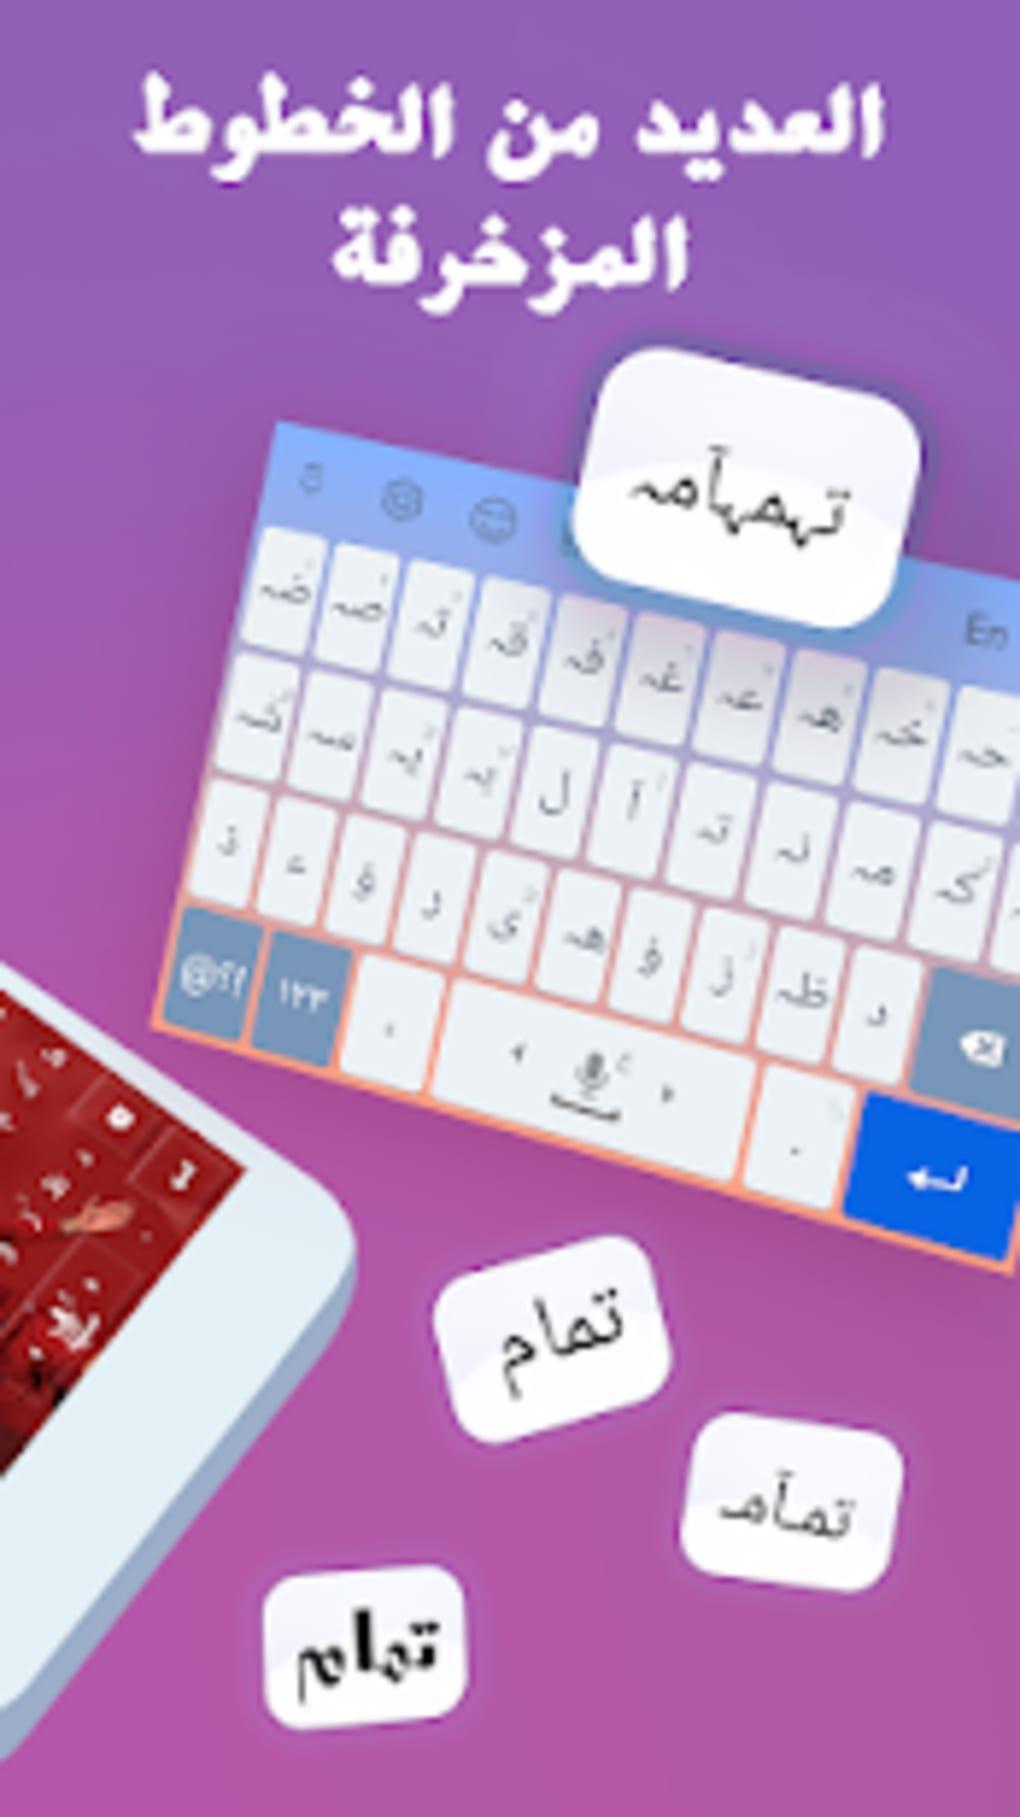 تمام لوحة المفاتيح العربية Tamam Arabic Keyboard Apk لنظام Android تنزيل